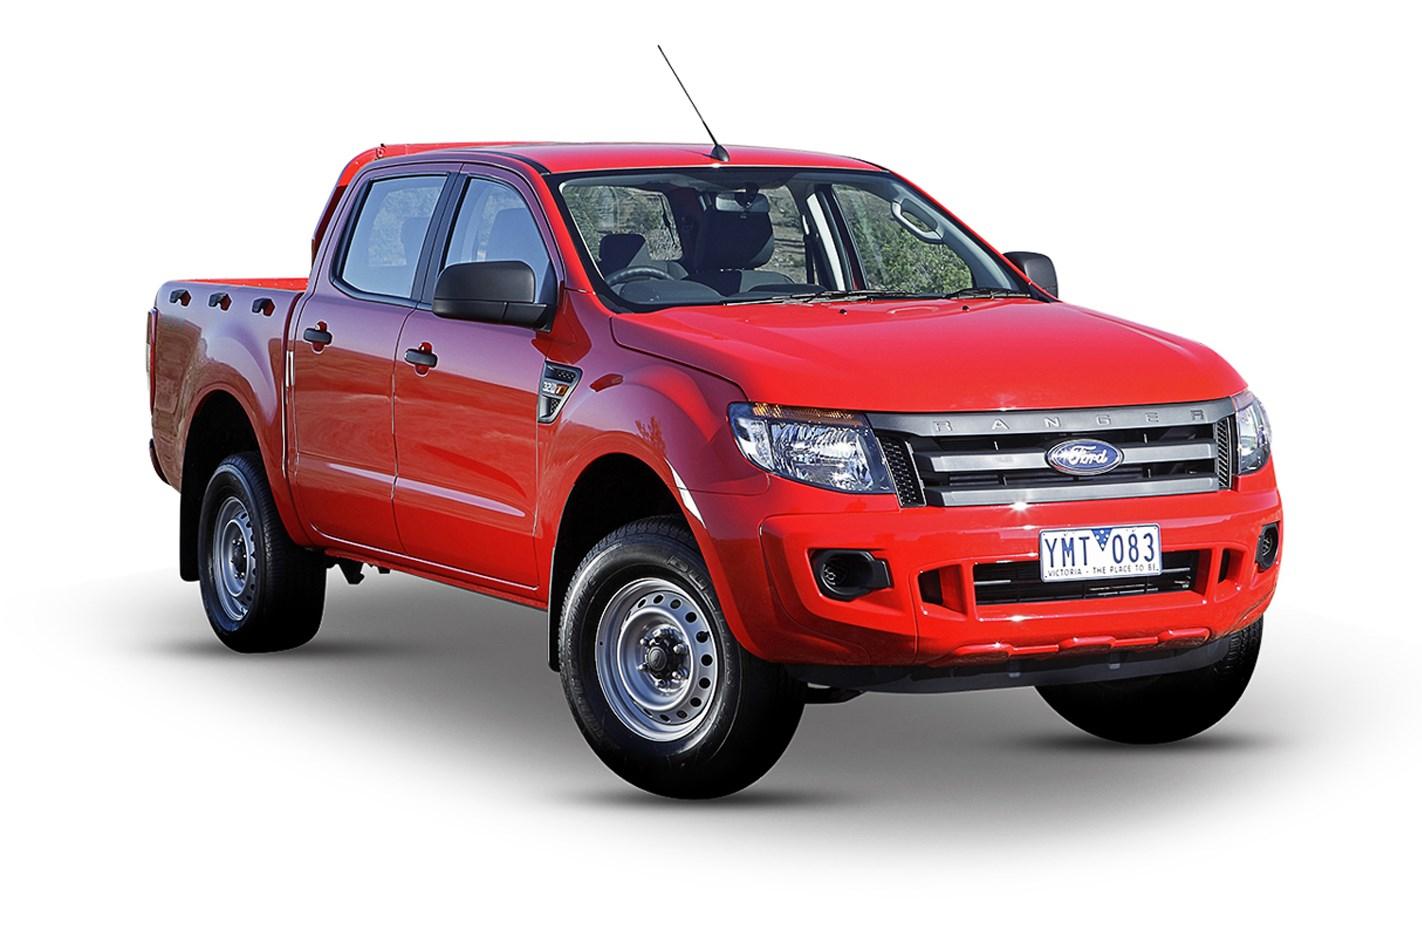 2017 ford ranger 3.2 xl plus (4x4), 3.2l 5cyl diesel turbocharged